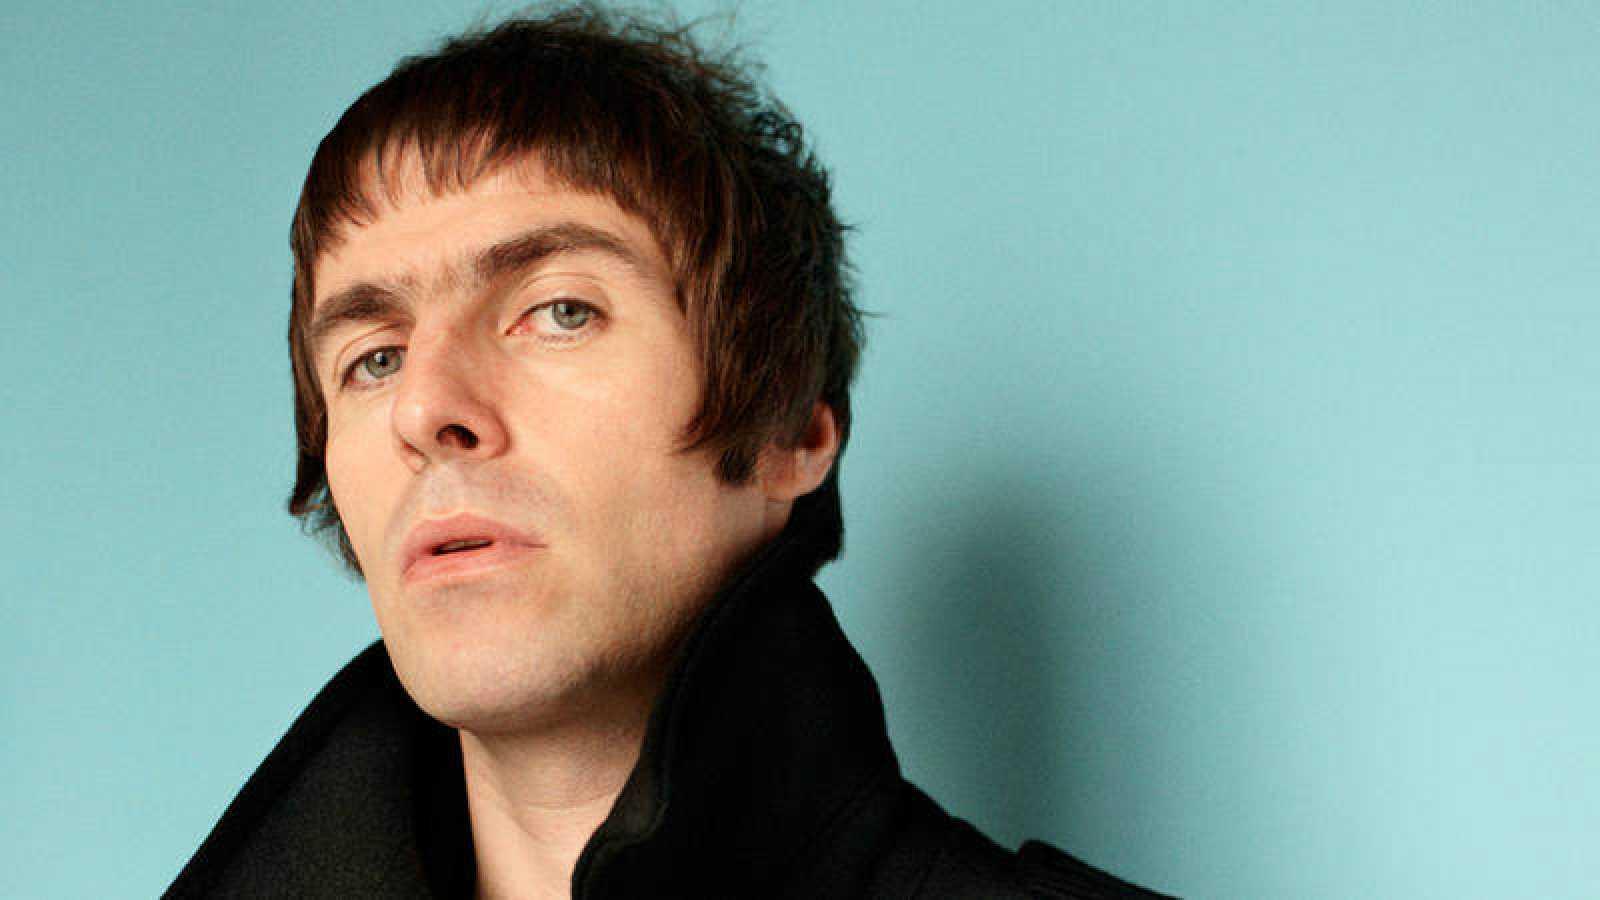 Liam Gallagher estará presentando su primer disco en solitario en el DCODE